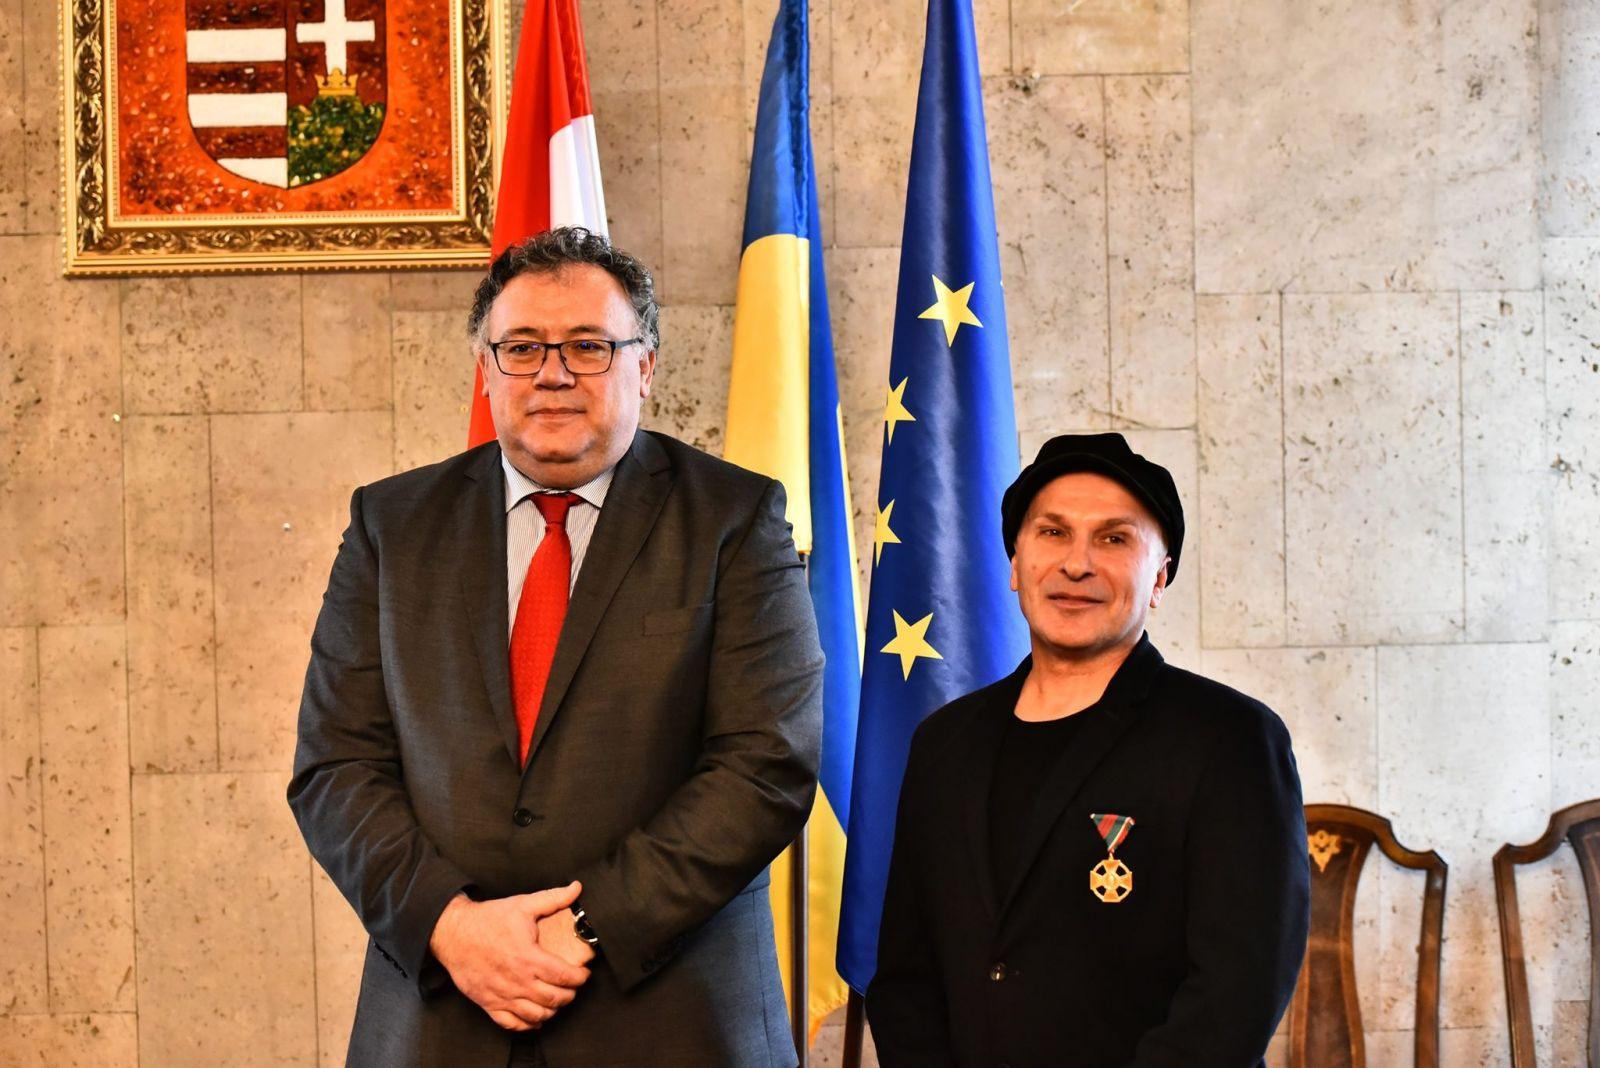 Magyar Arany Érdemkereszt kitüntetést vehetett át Olekszandr Bilozub ukrán színházi rendező, jelmez- és díszlettervező